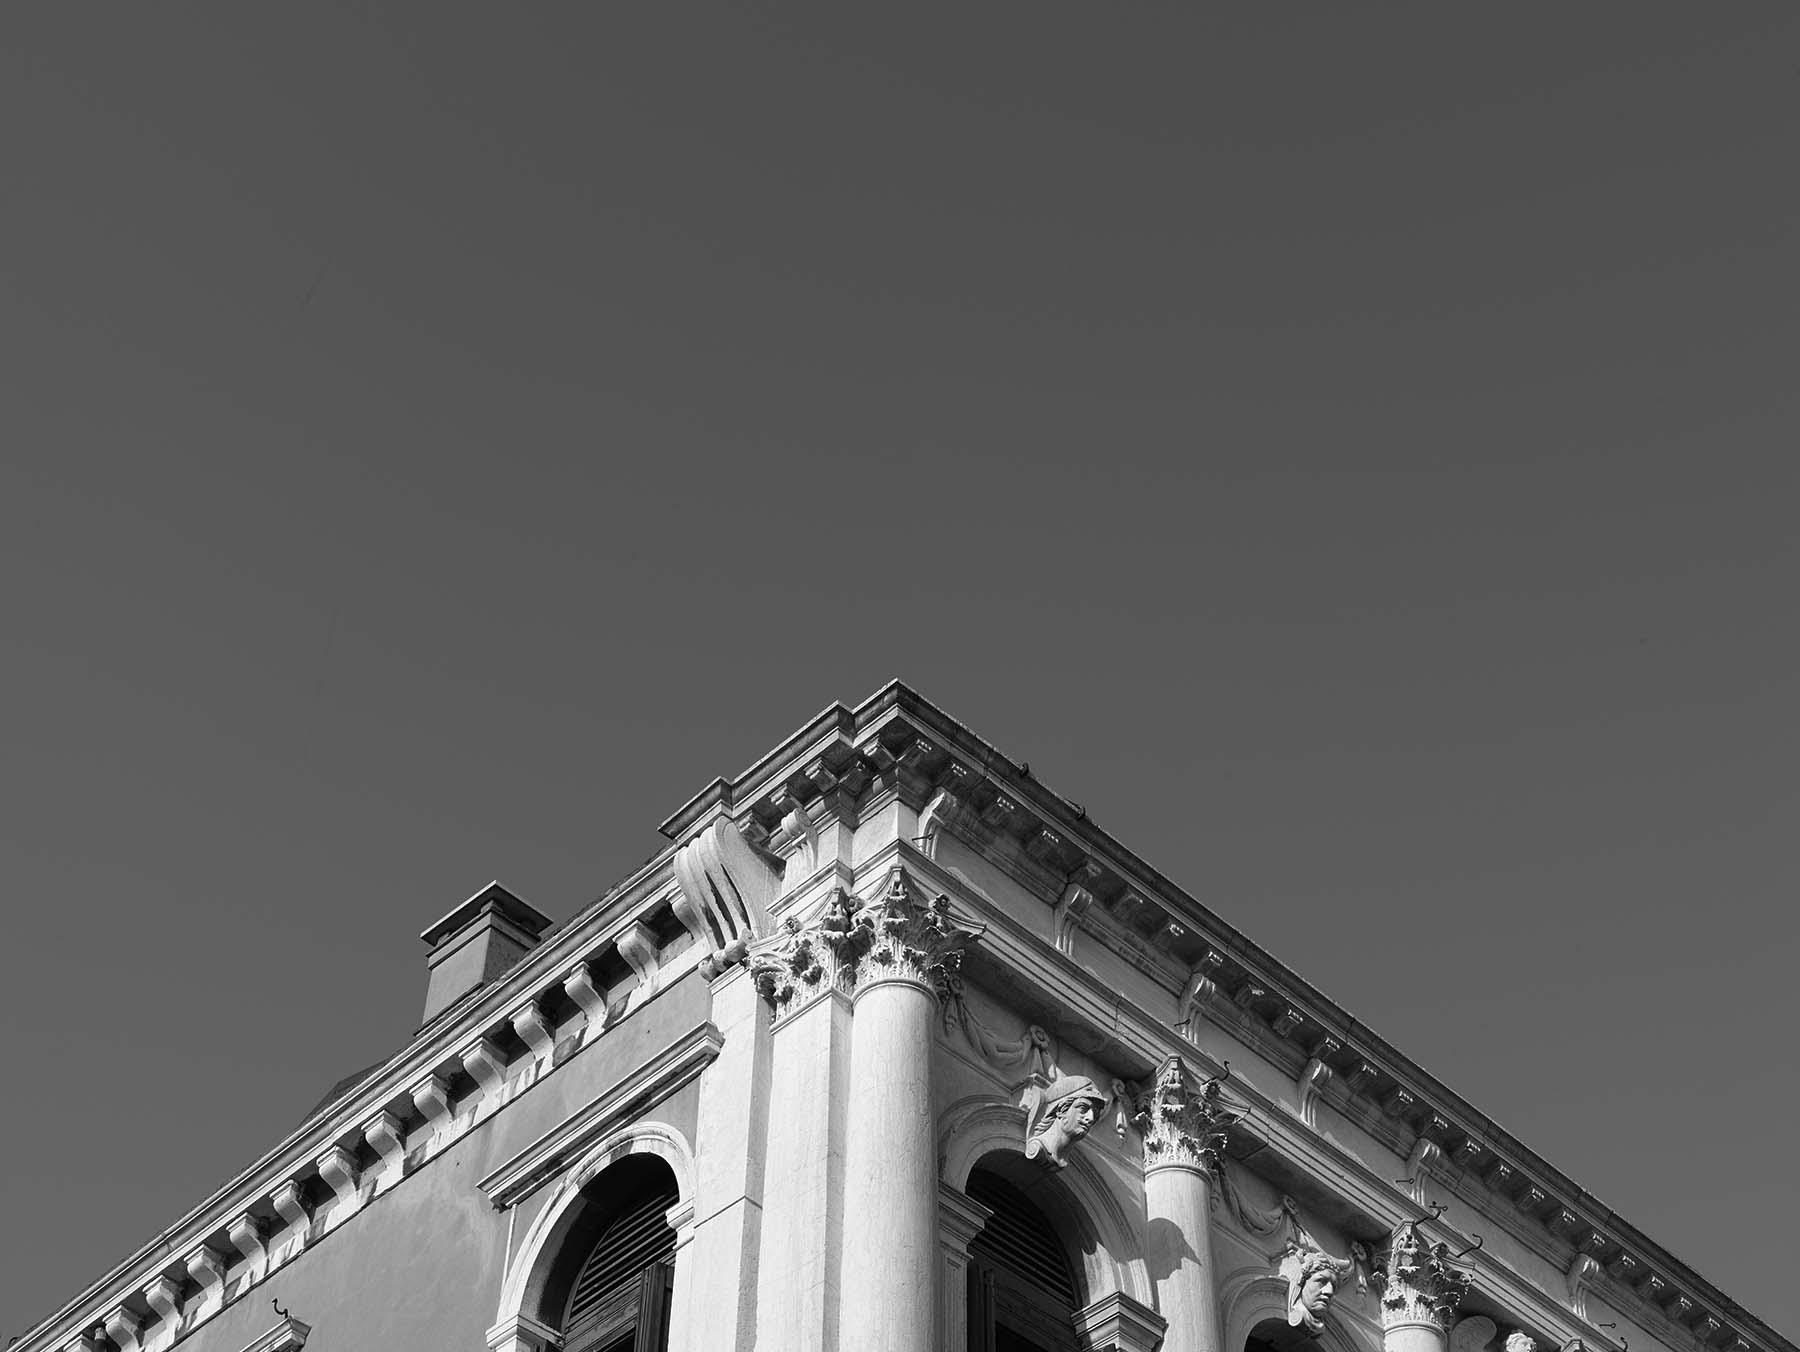 Istituto Veneto di Scienze Lettere ed Arti, Venice Italy